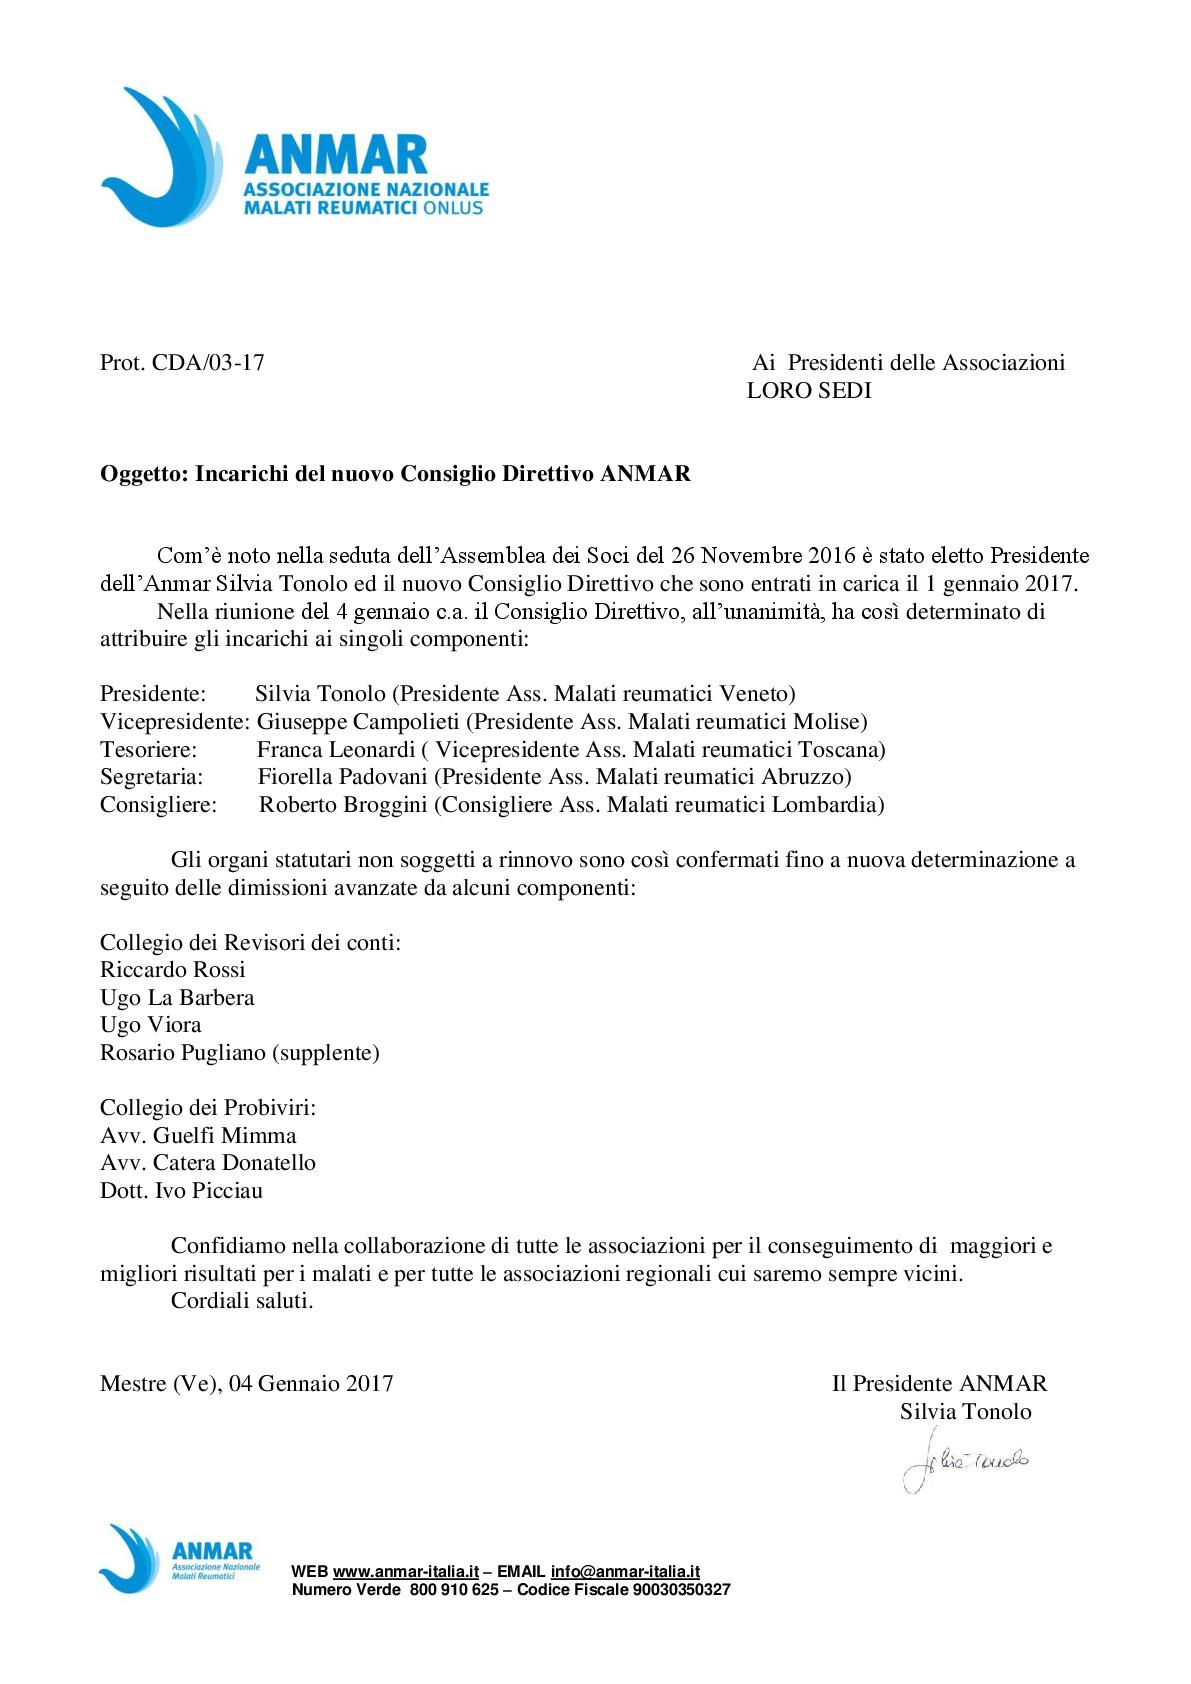 incarichi_del_nuovo_CD_ANMAR_-_lettera_alle_associazioni-1-001.jpg